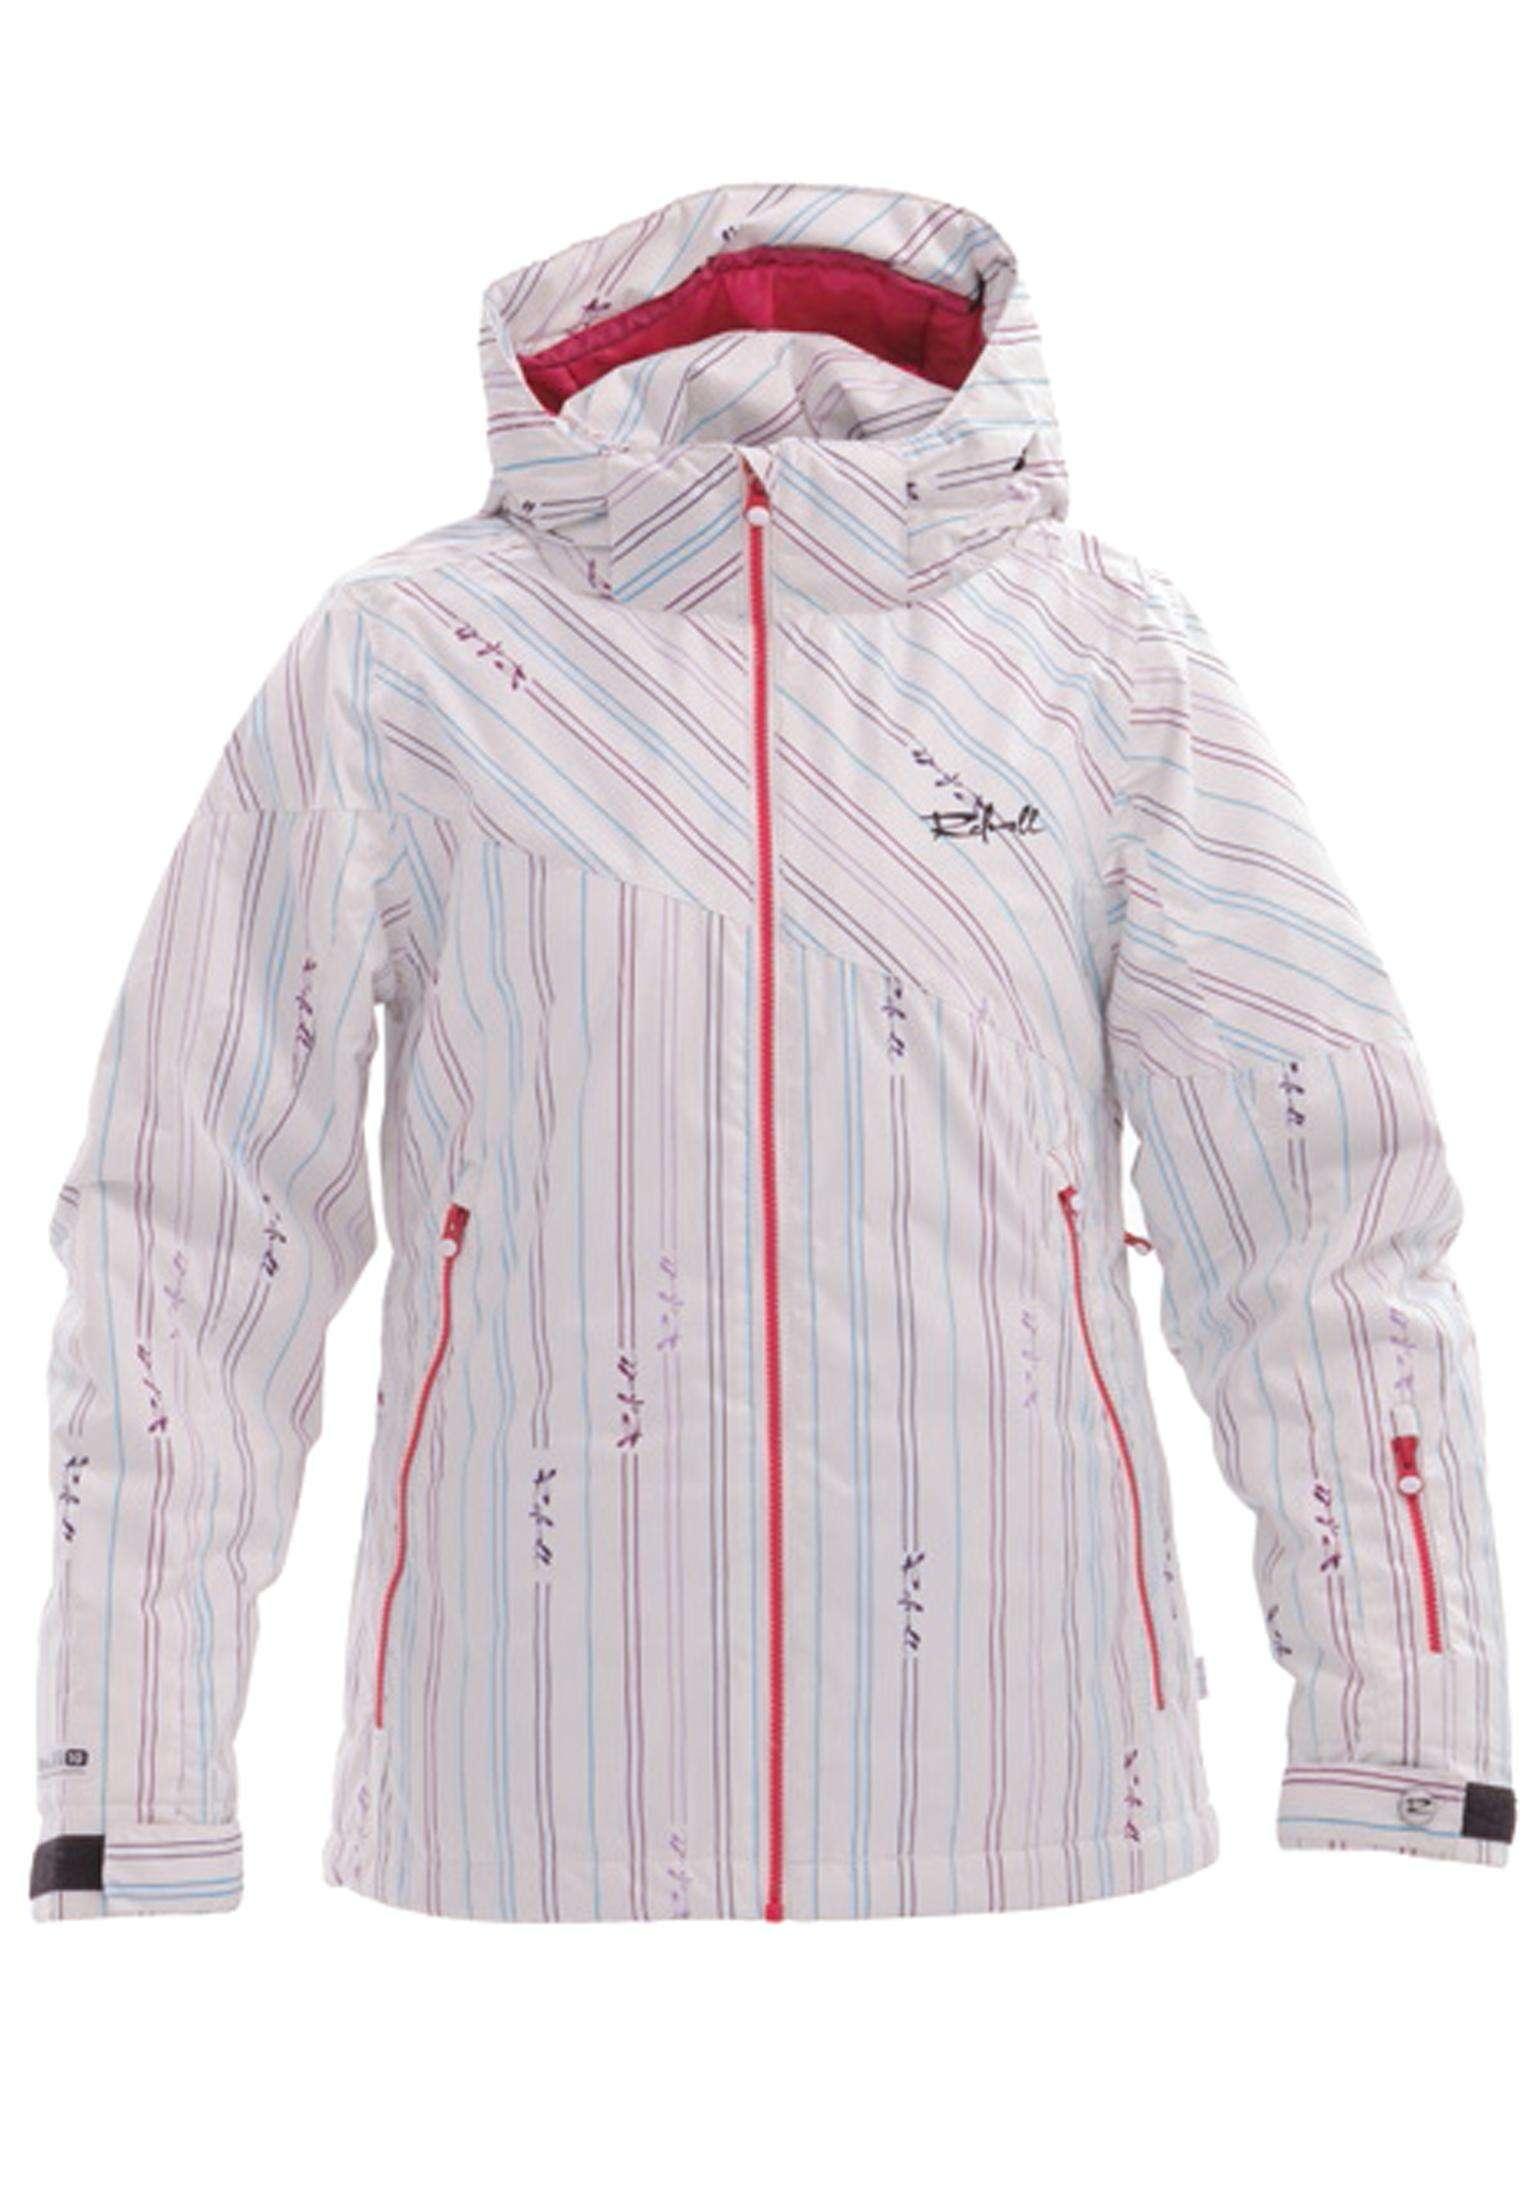 cc42227bf Rehall-Snowboardjacken-Coco-11-whitestripes-white-striped-Vorderansicht_1280x1280@2x.jpg